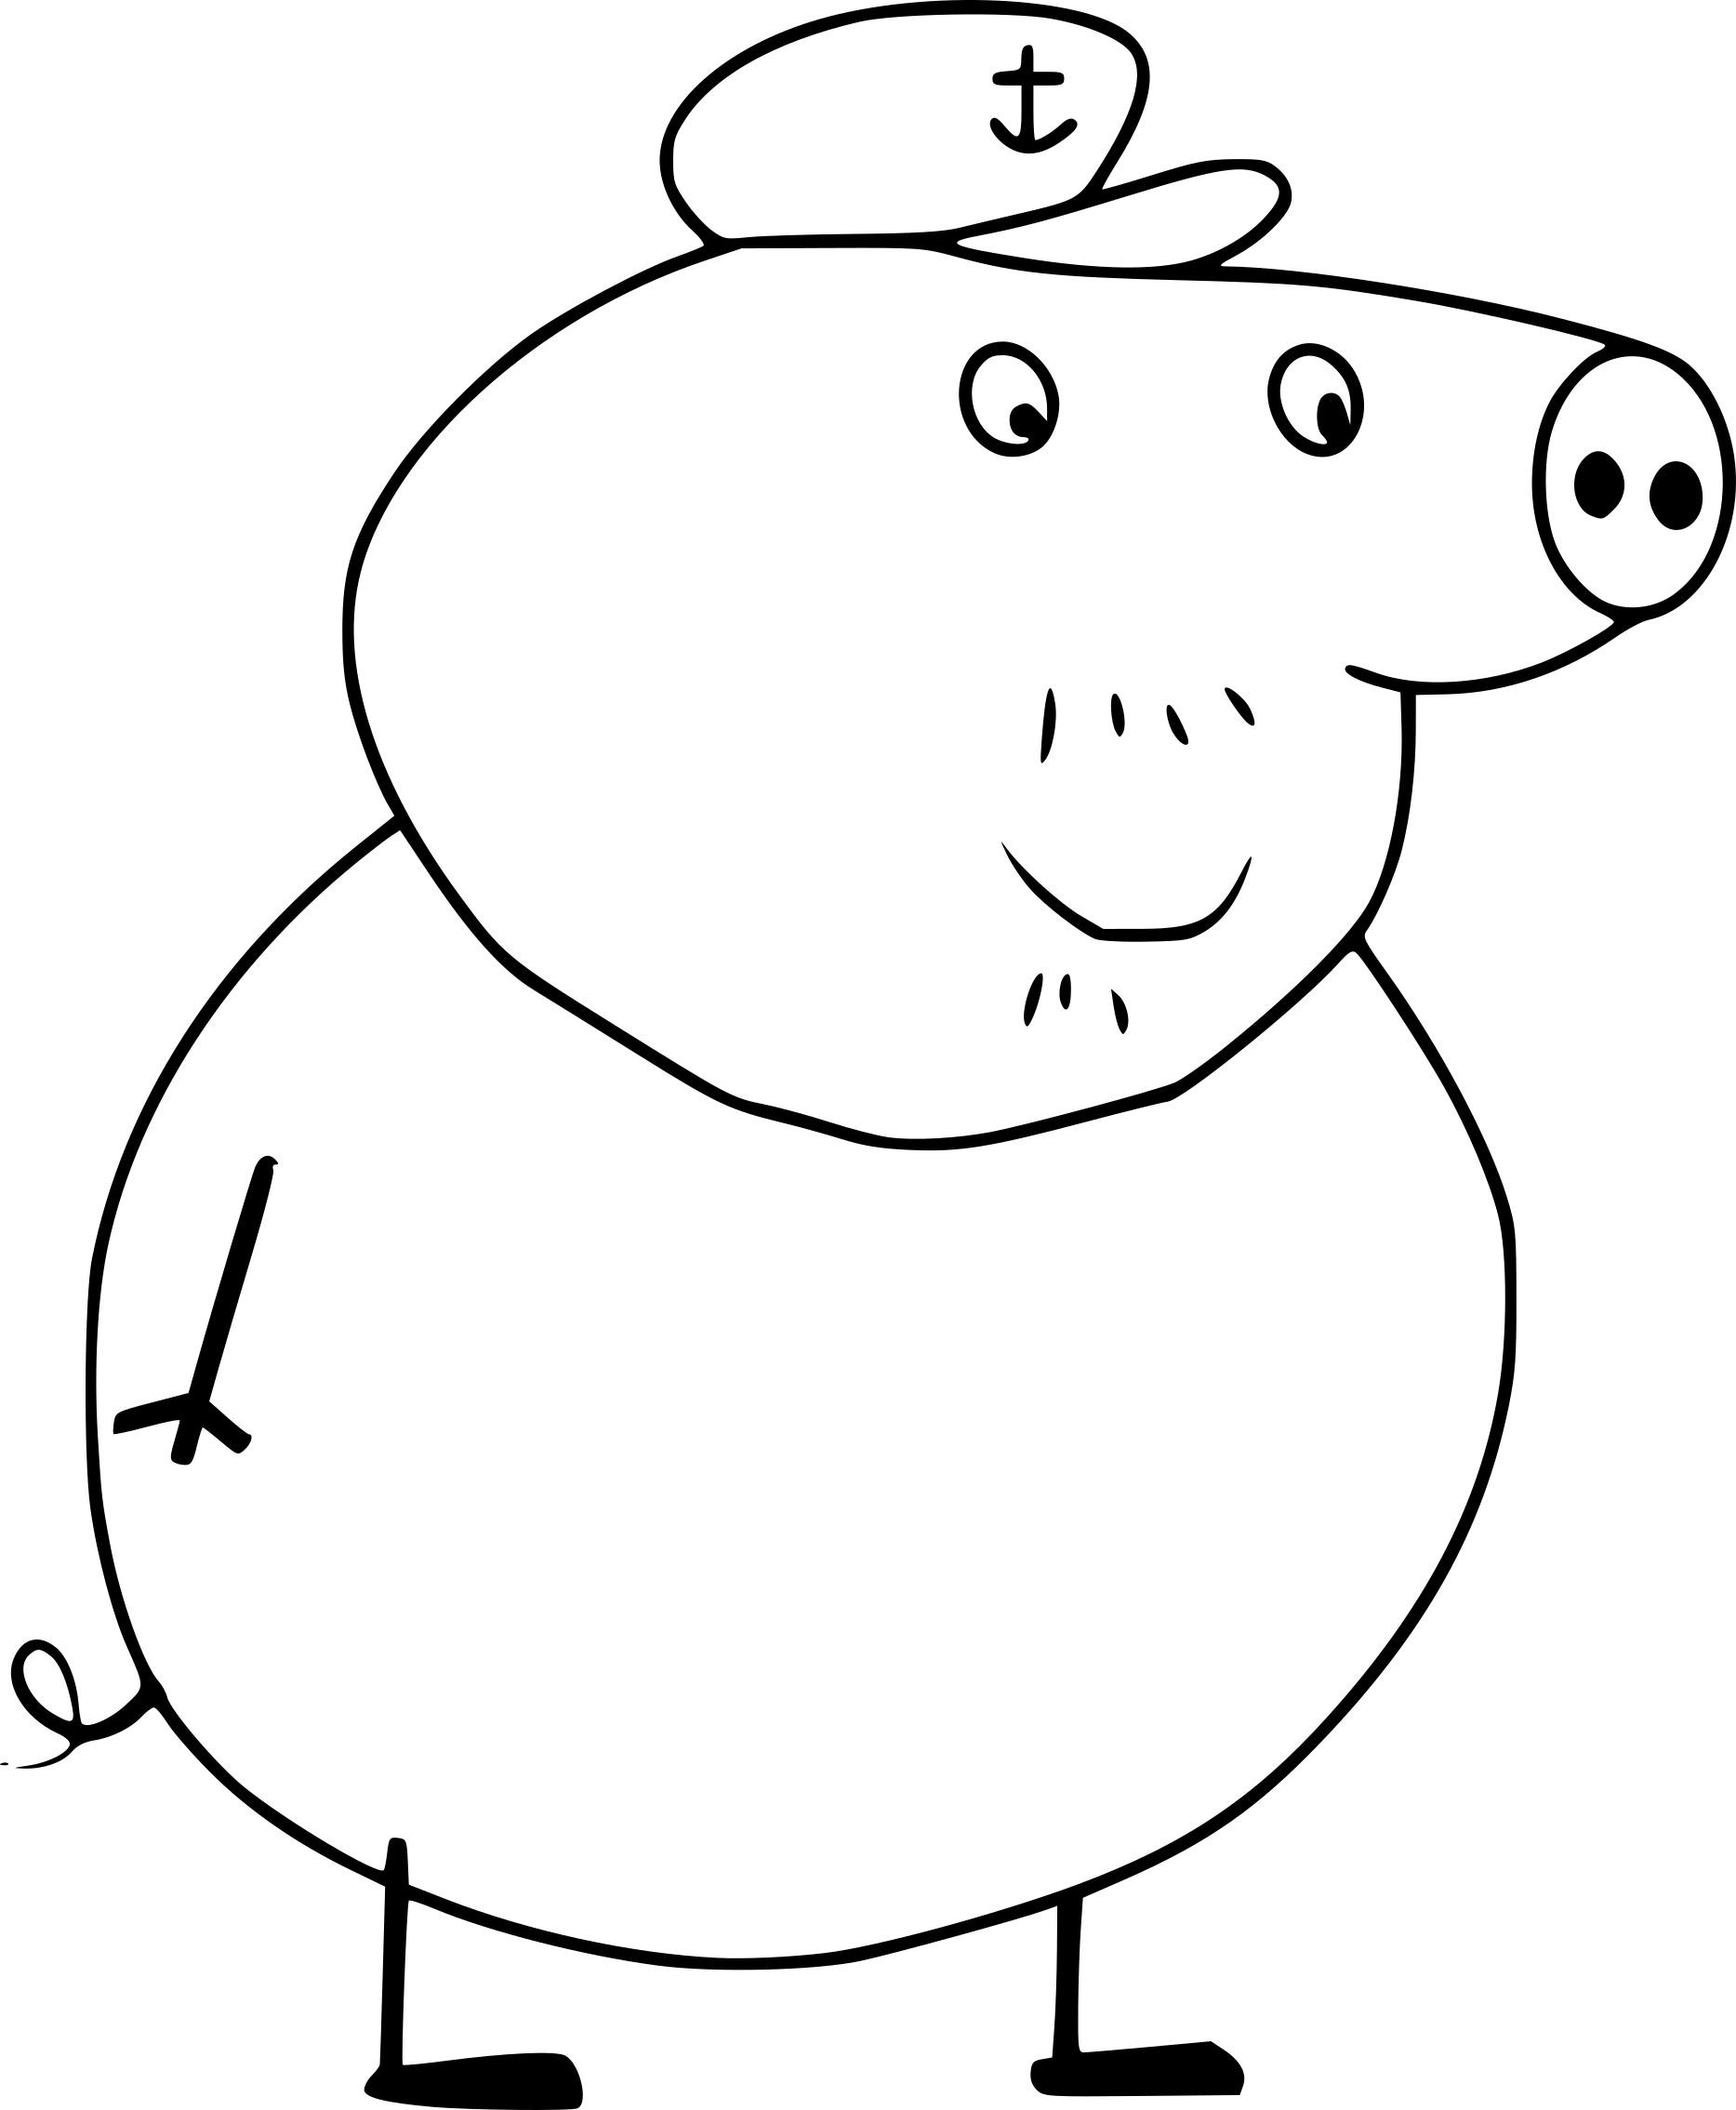 Coloriage Famille Ours À Imprimer pour Peppa Pig A Colorier